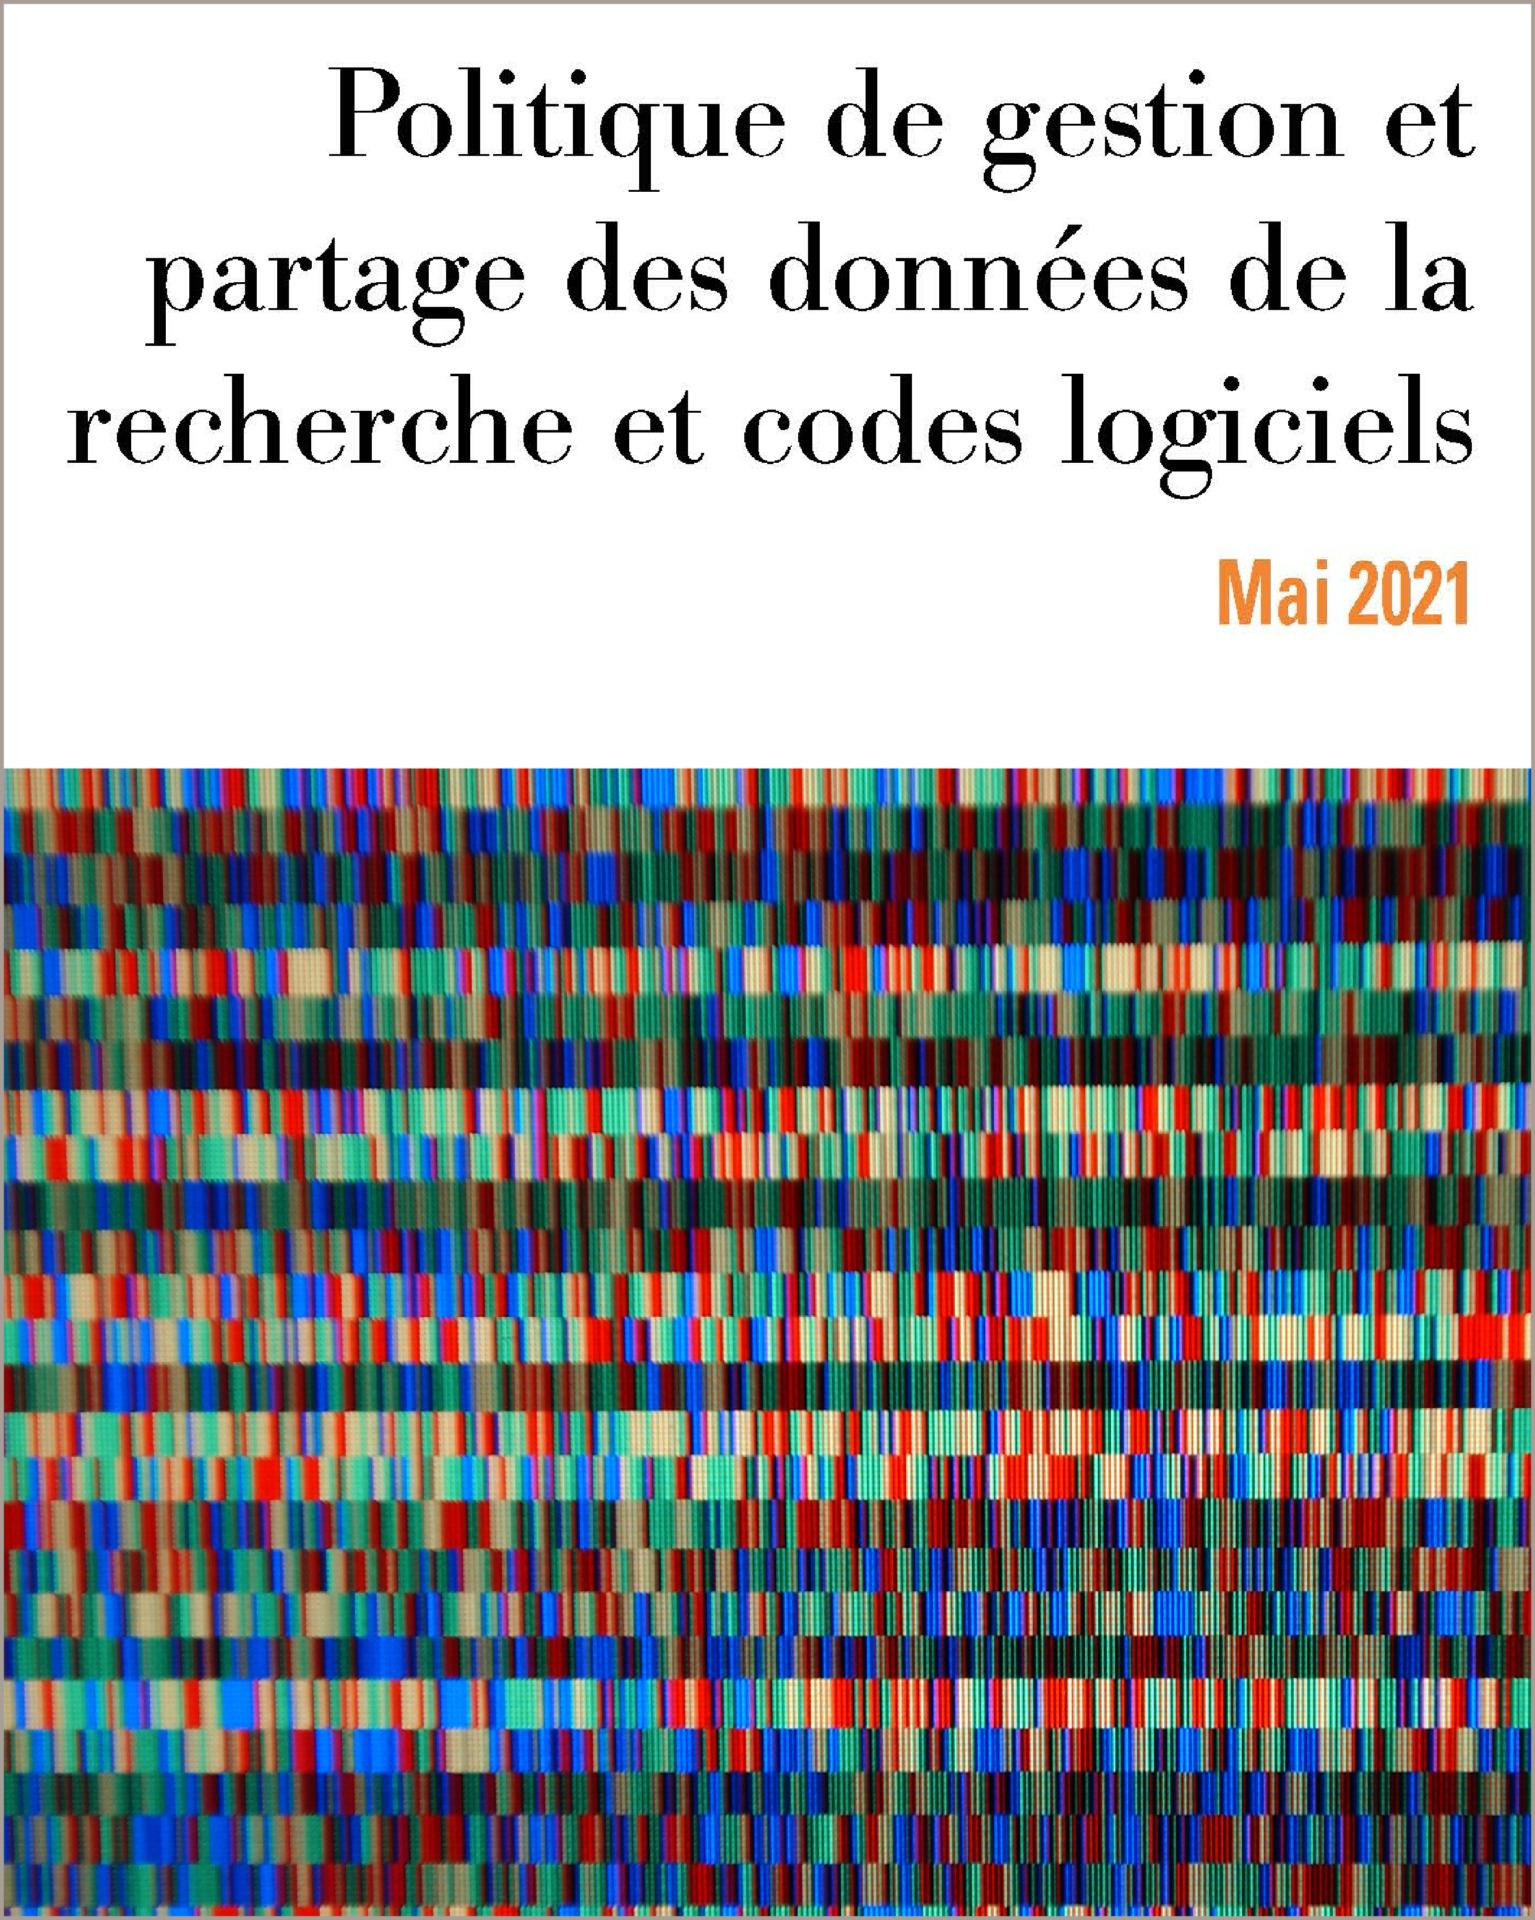 Politique de gestion et partage des données de la recherche et codes logiciels